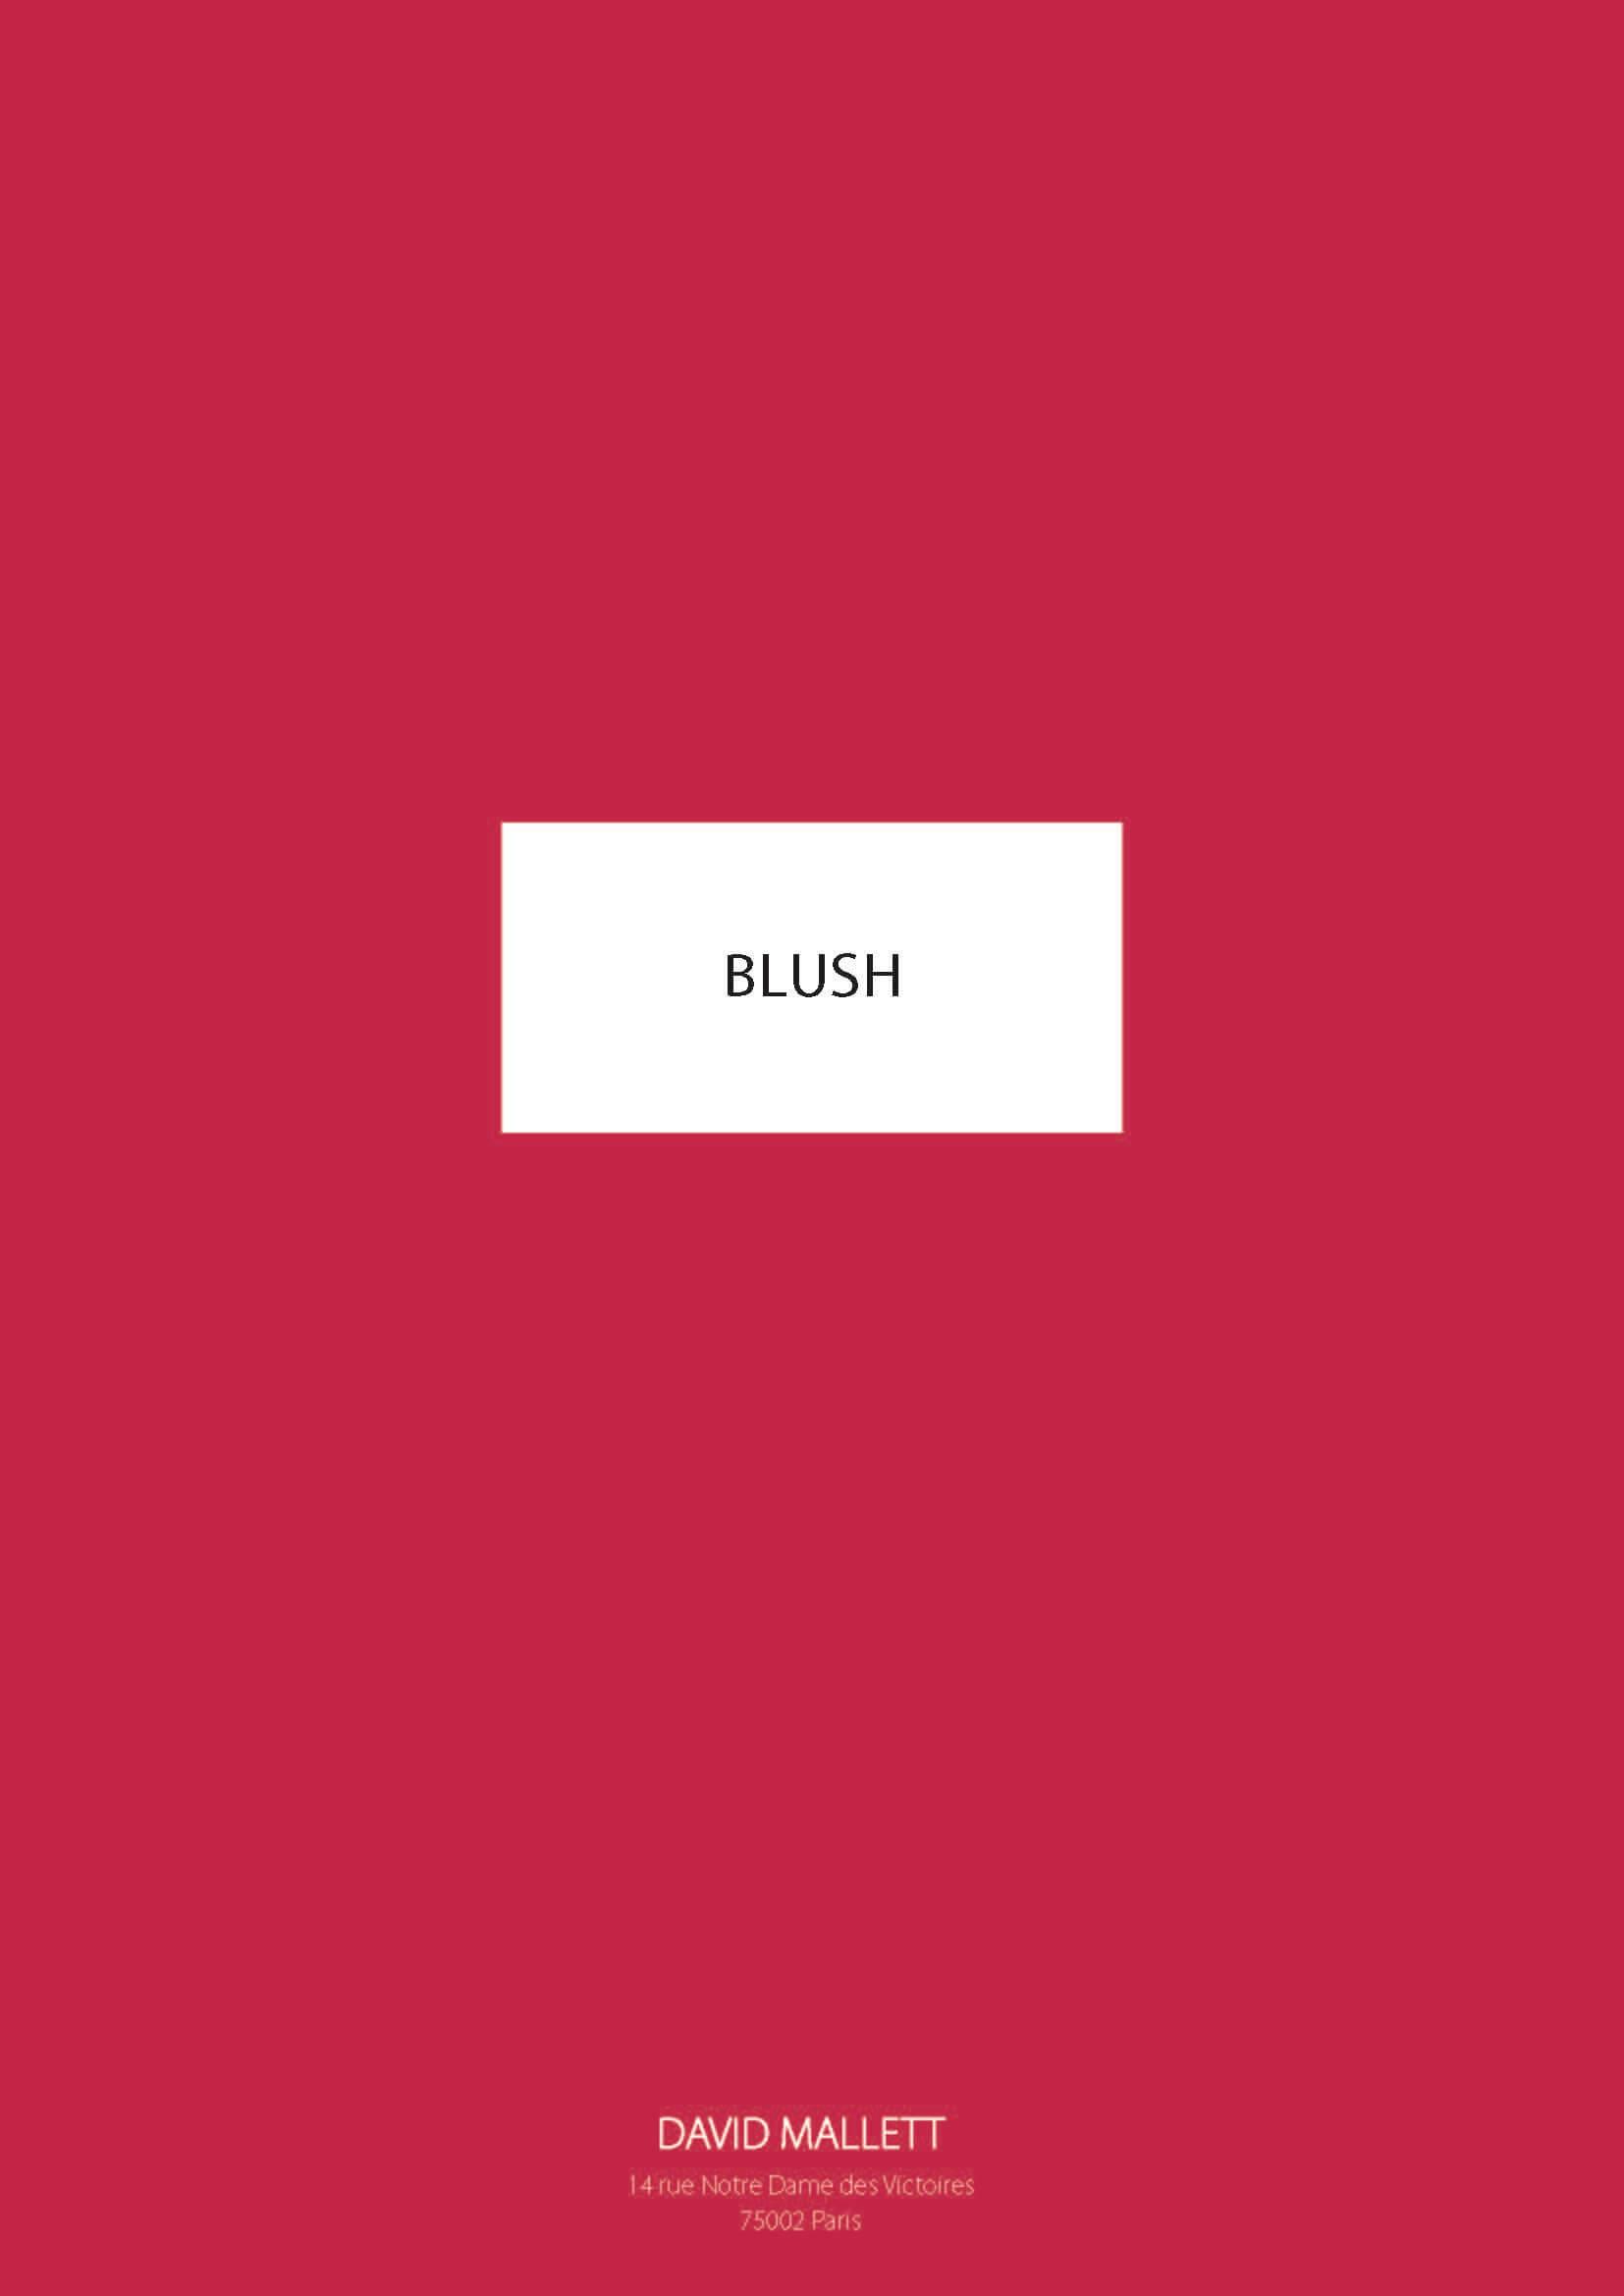 BLUSH FR